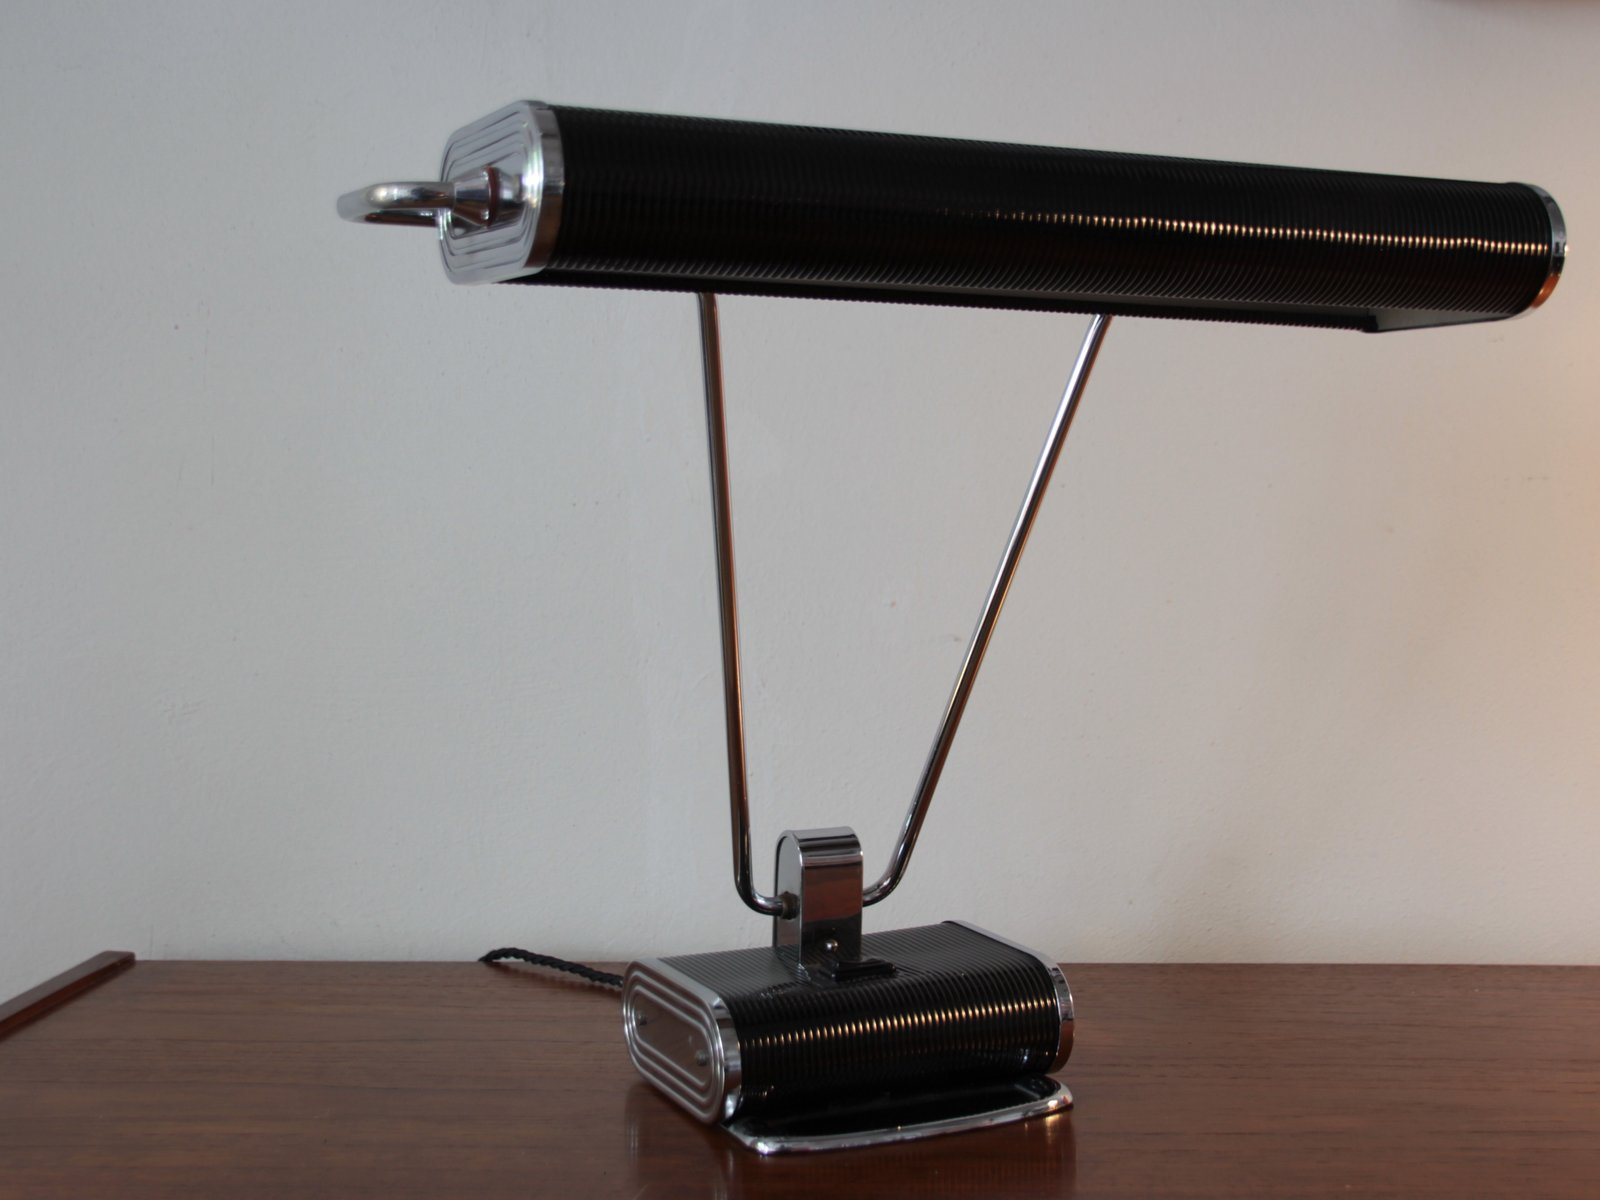 lampe de bureau art d co en chrome noir par eileen gray pour jumo france en vente sur pamono. Black Bedroom Furniture Sets. Home Design Ideas